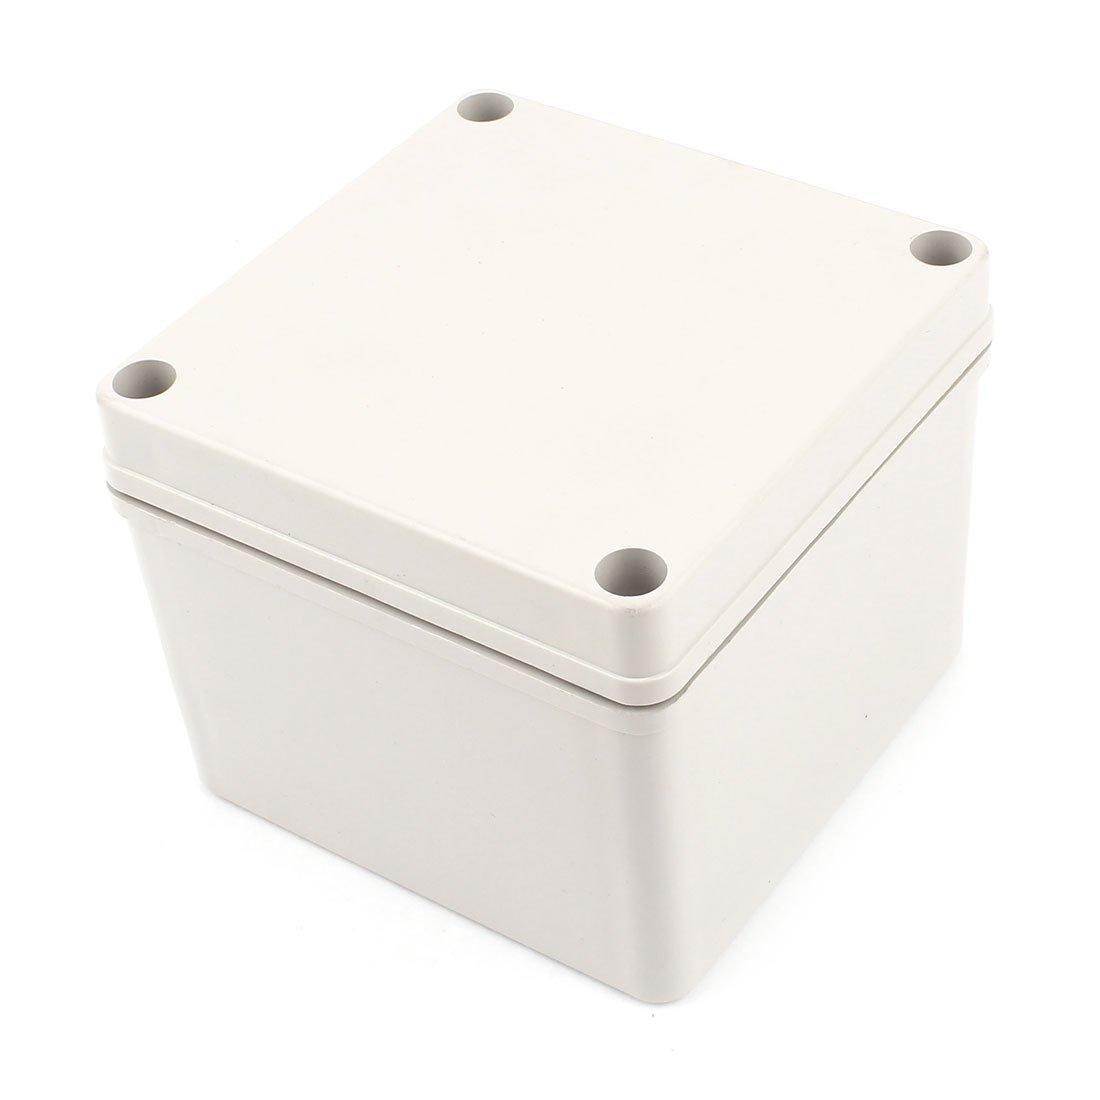 125 mm x 125 mm x 100 mm, aus Kunststoff, wasserdicht versiegelter Box-Gehä use Sourcingmap a14081300ux0407